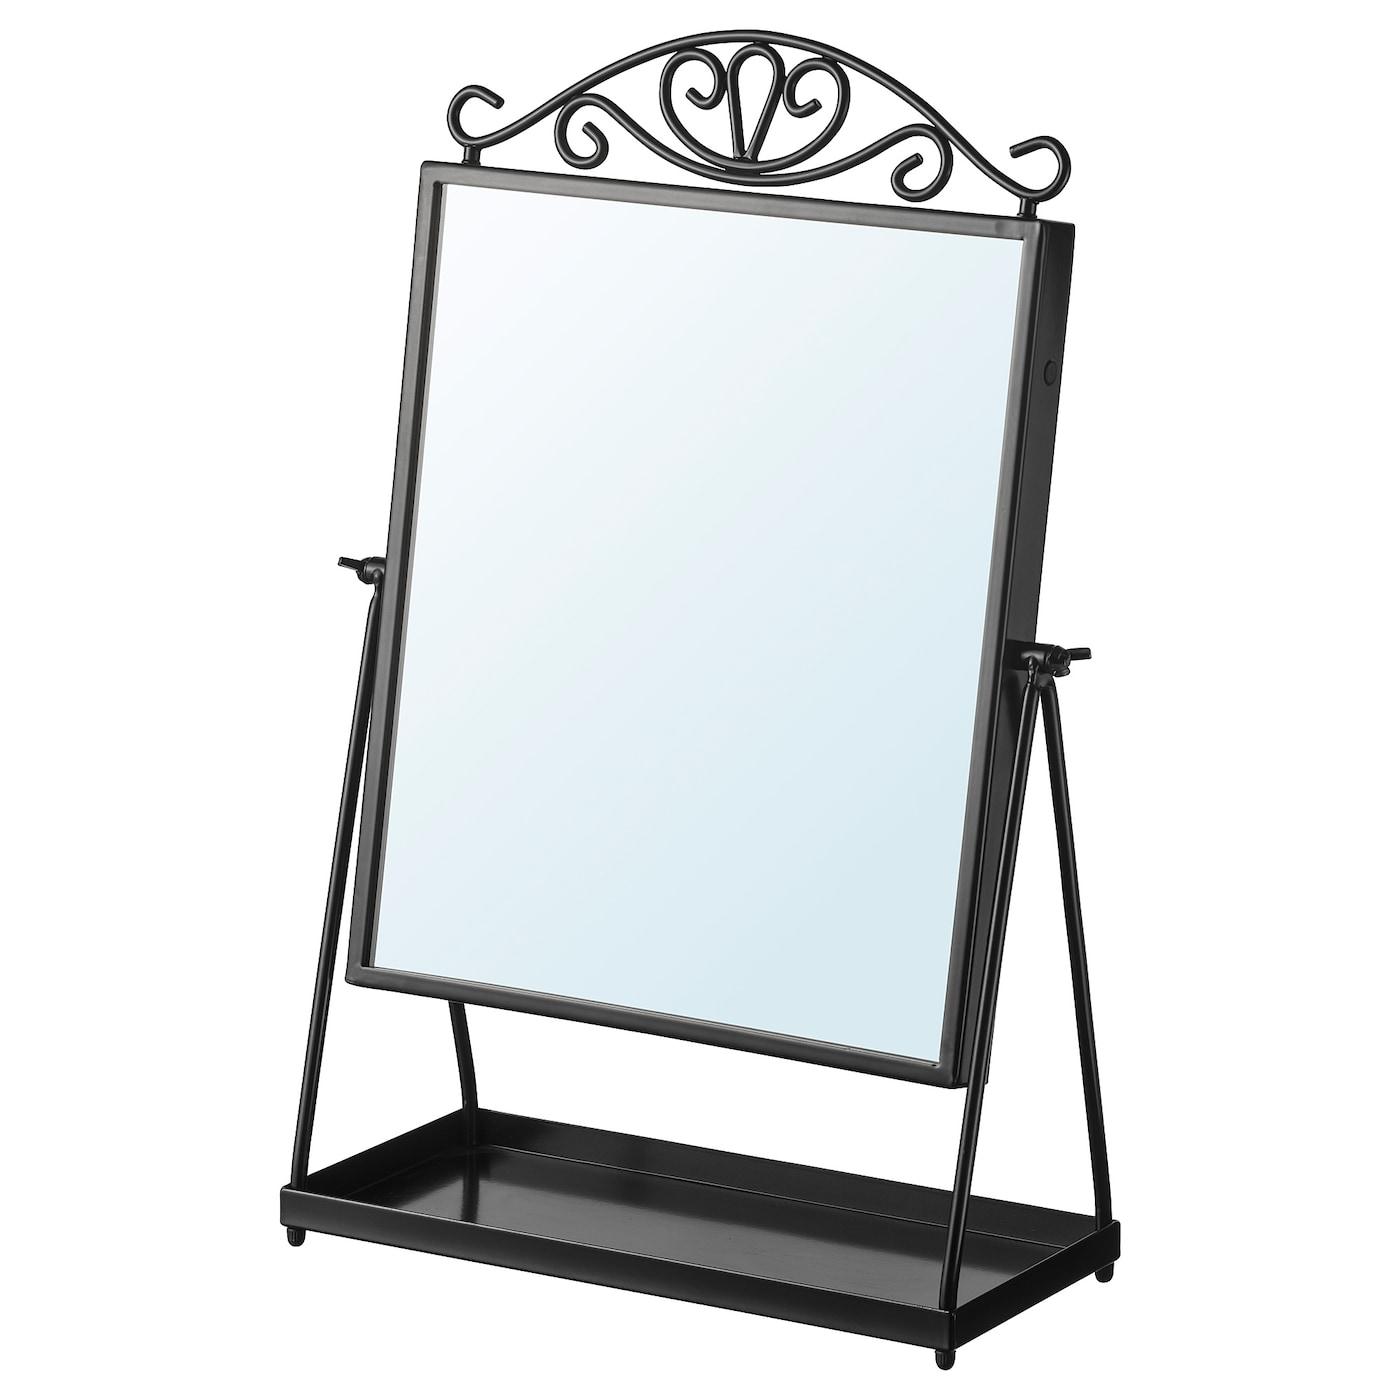 Karmsund espejo de mesa negro 27 x 43 cm ikea - Espejo hemnes ikea ...